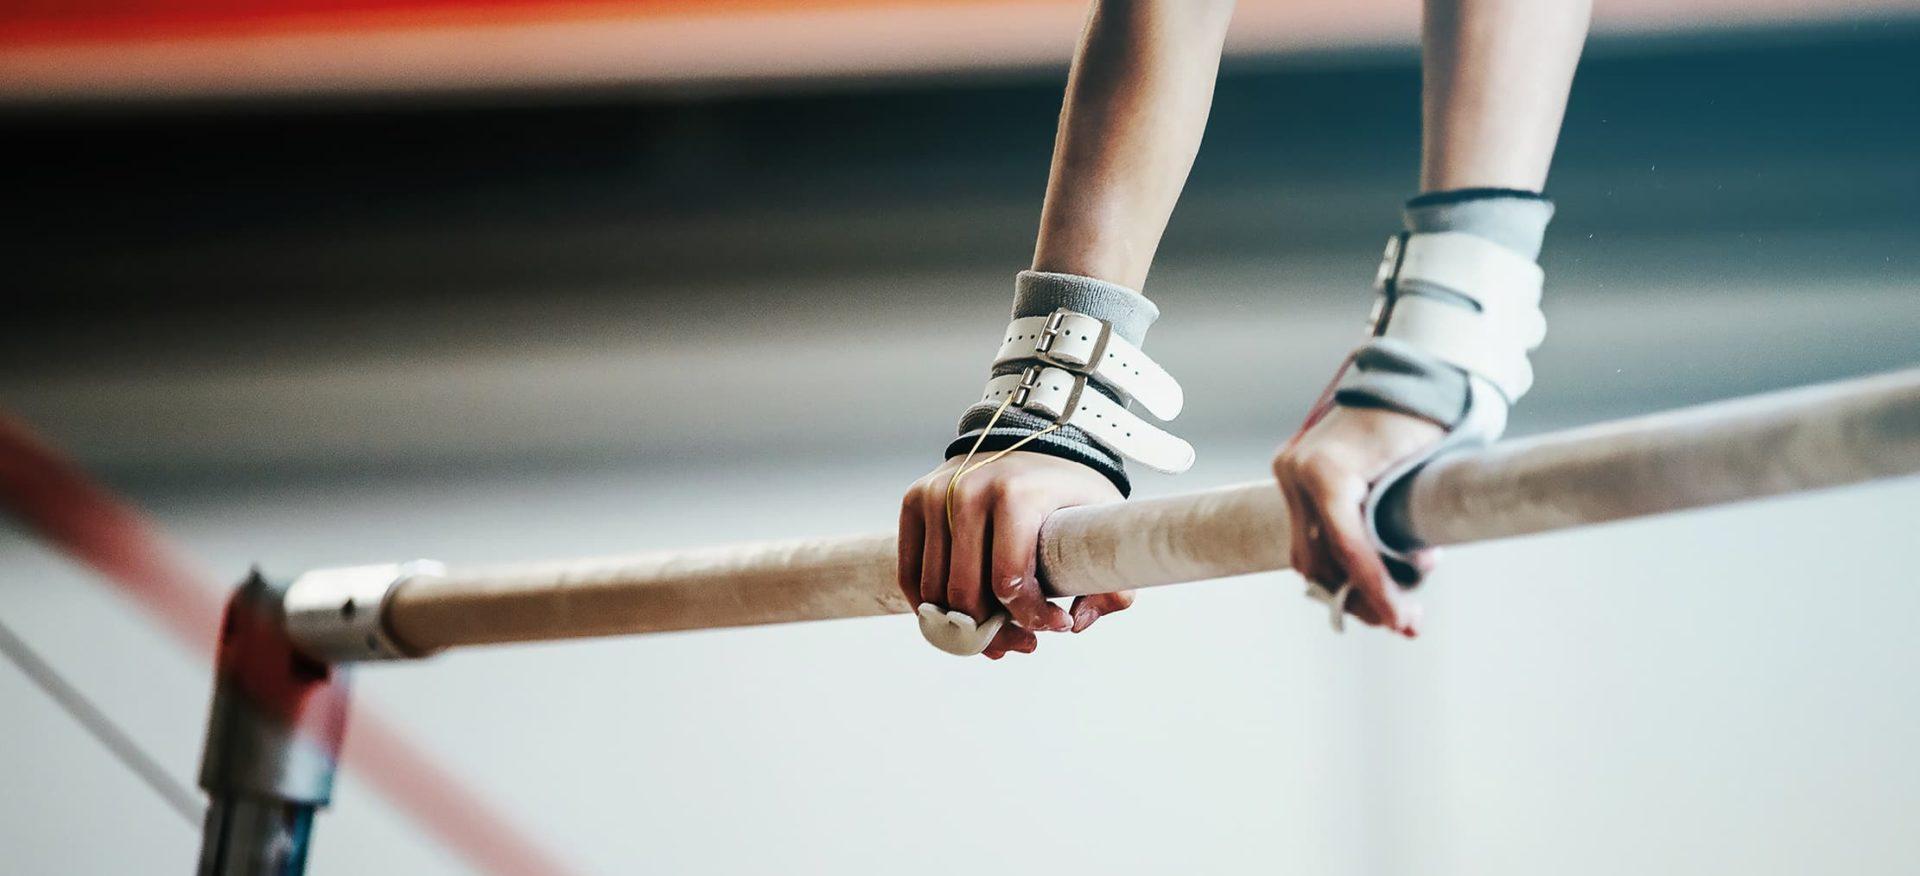 Die Hände eines Sportlers an der Stange